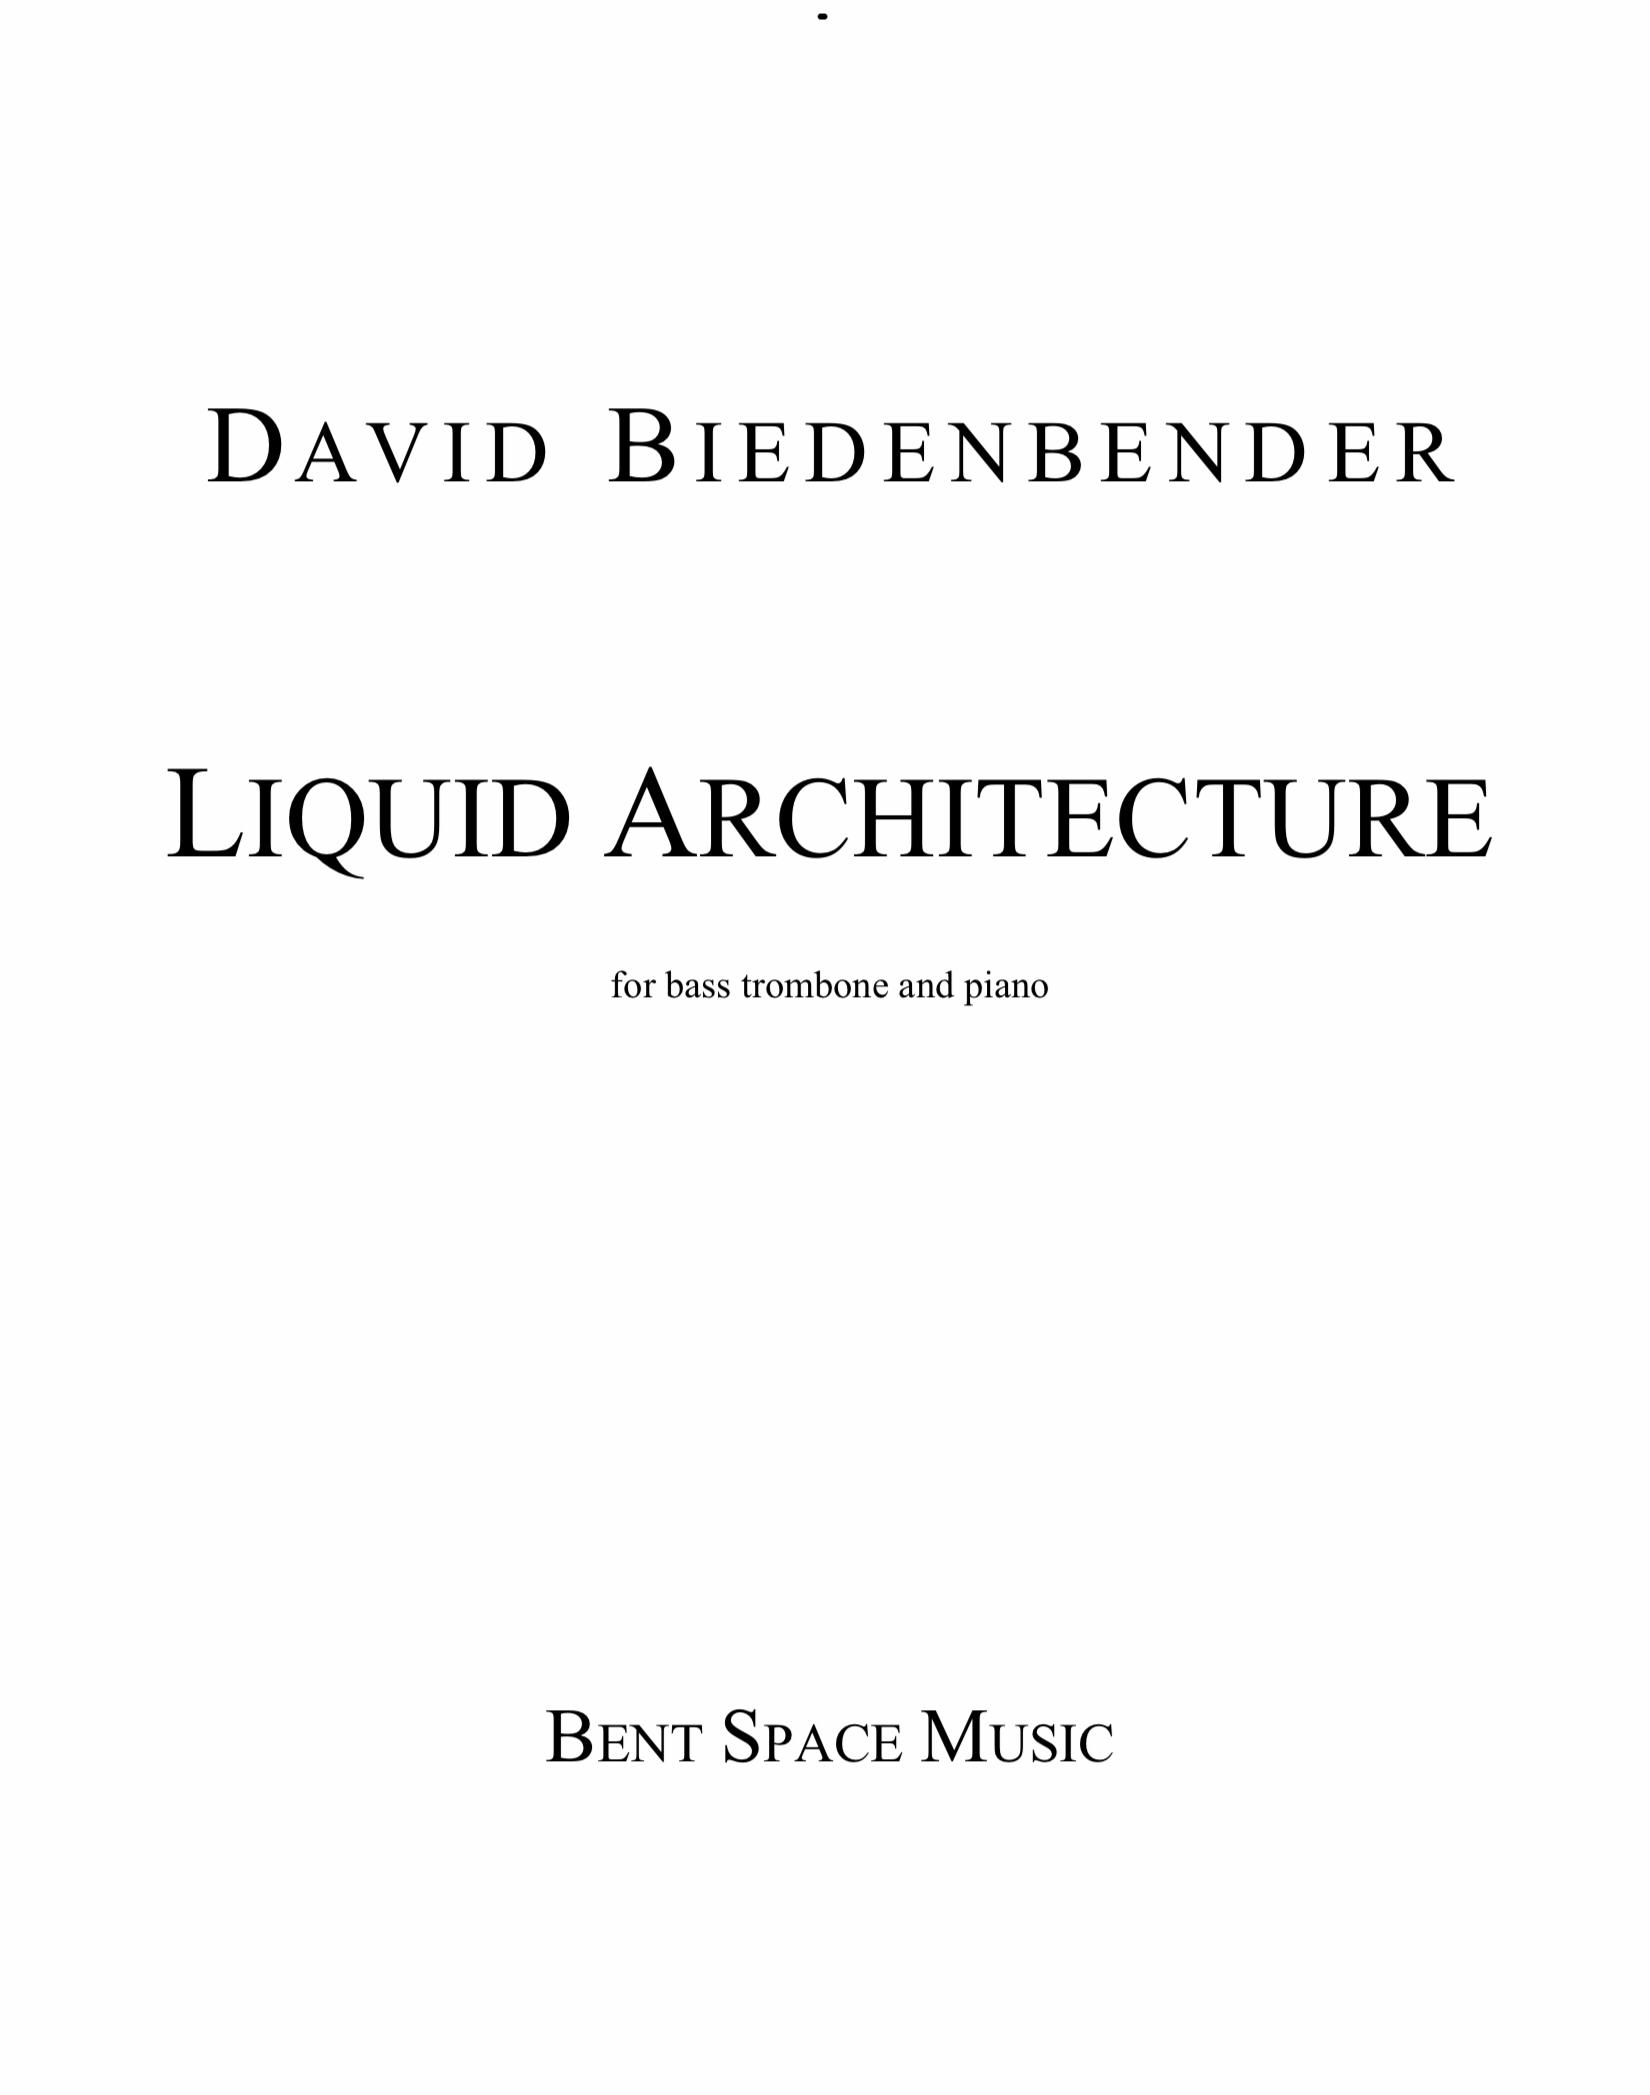 Liquid Architecture by David Biedenbender